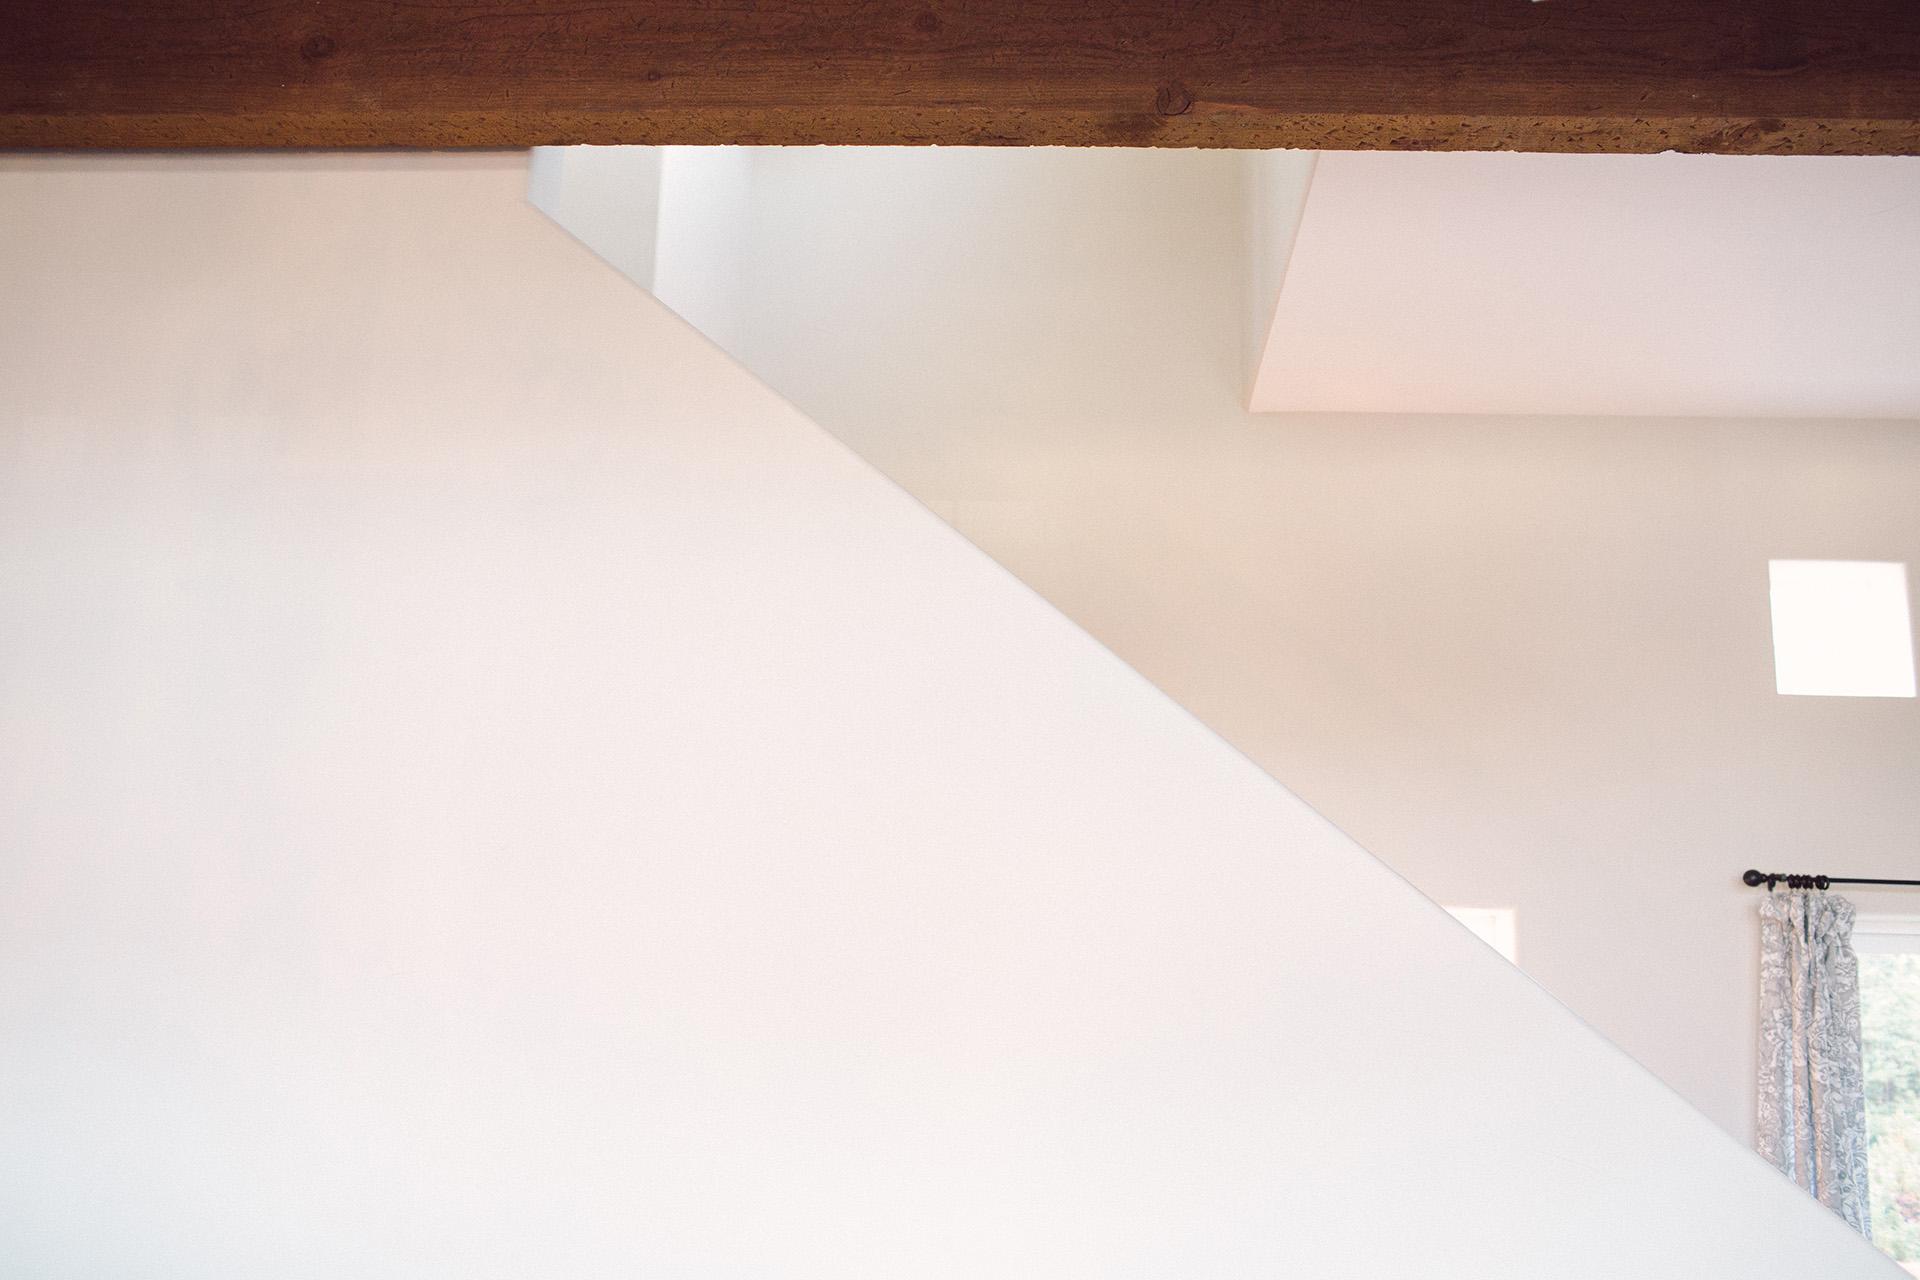 interior_04.jpg